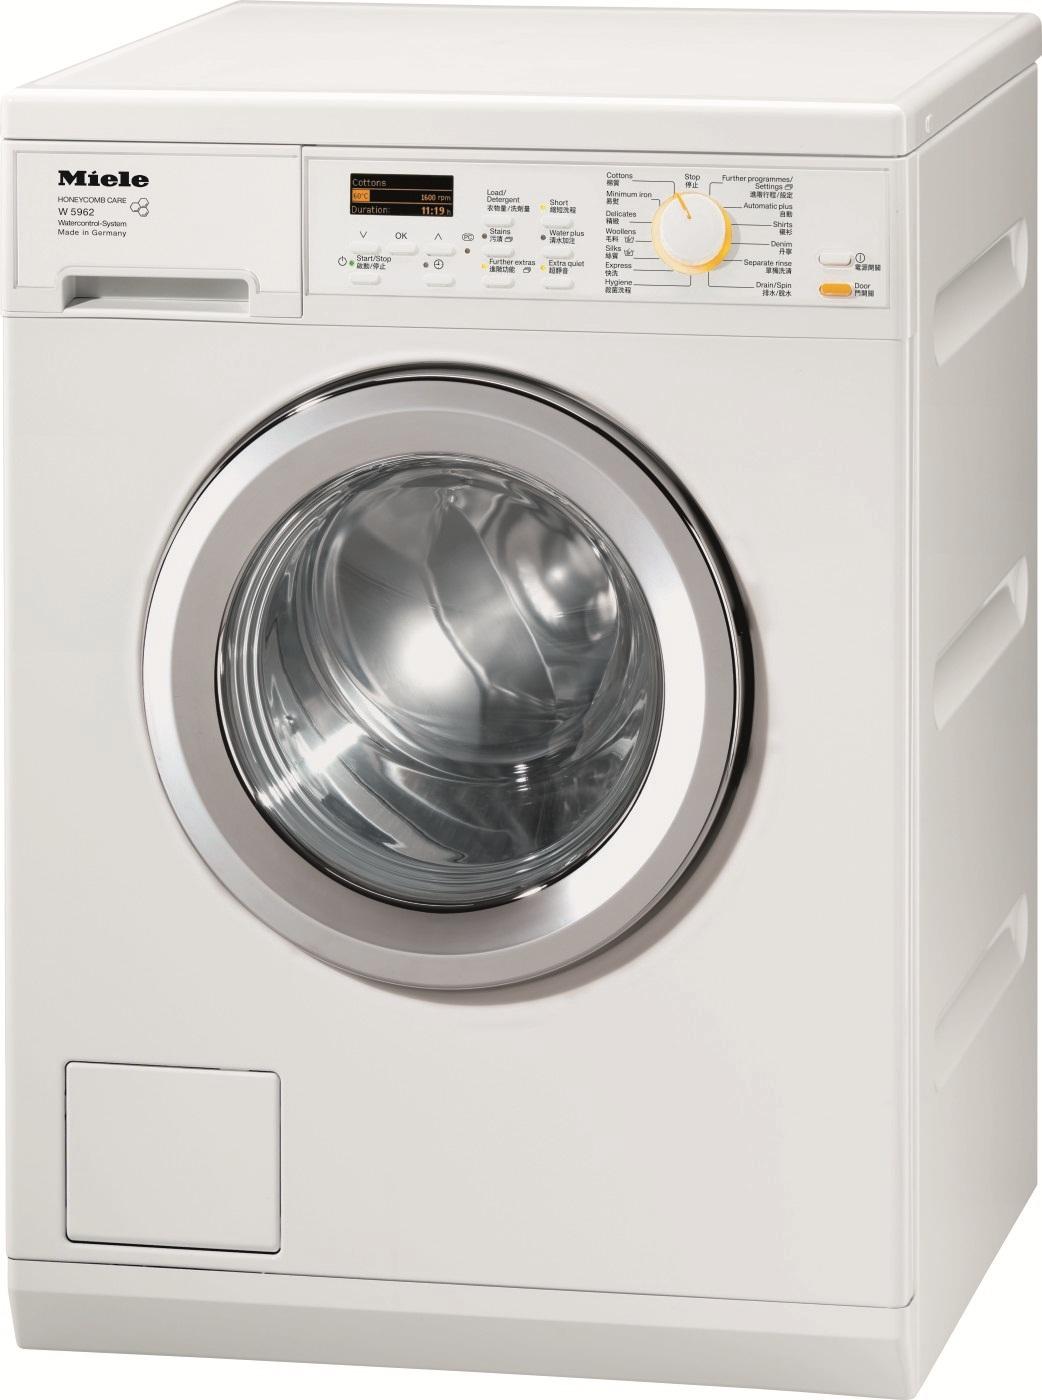 一台敗犬們不容錯過的快速洗衣機